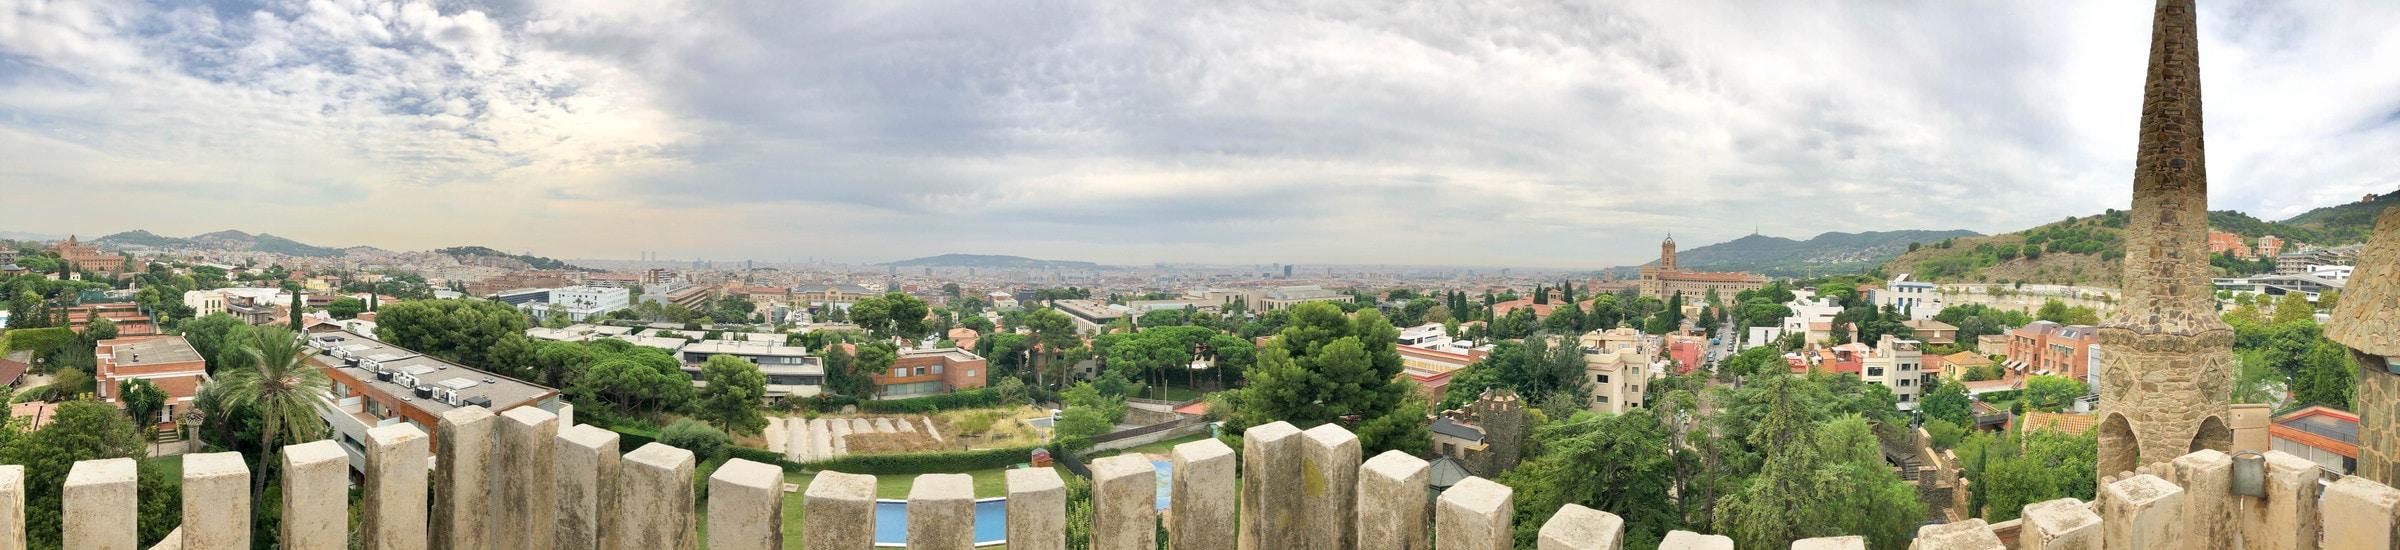 Aussicht vom Bellesguard, Barcelona